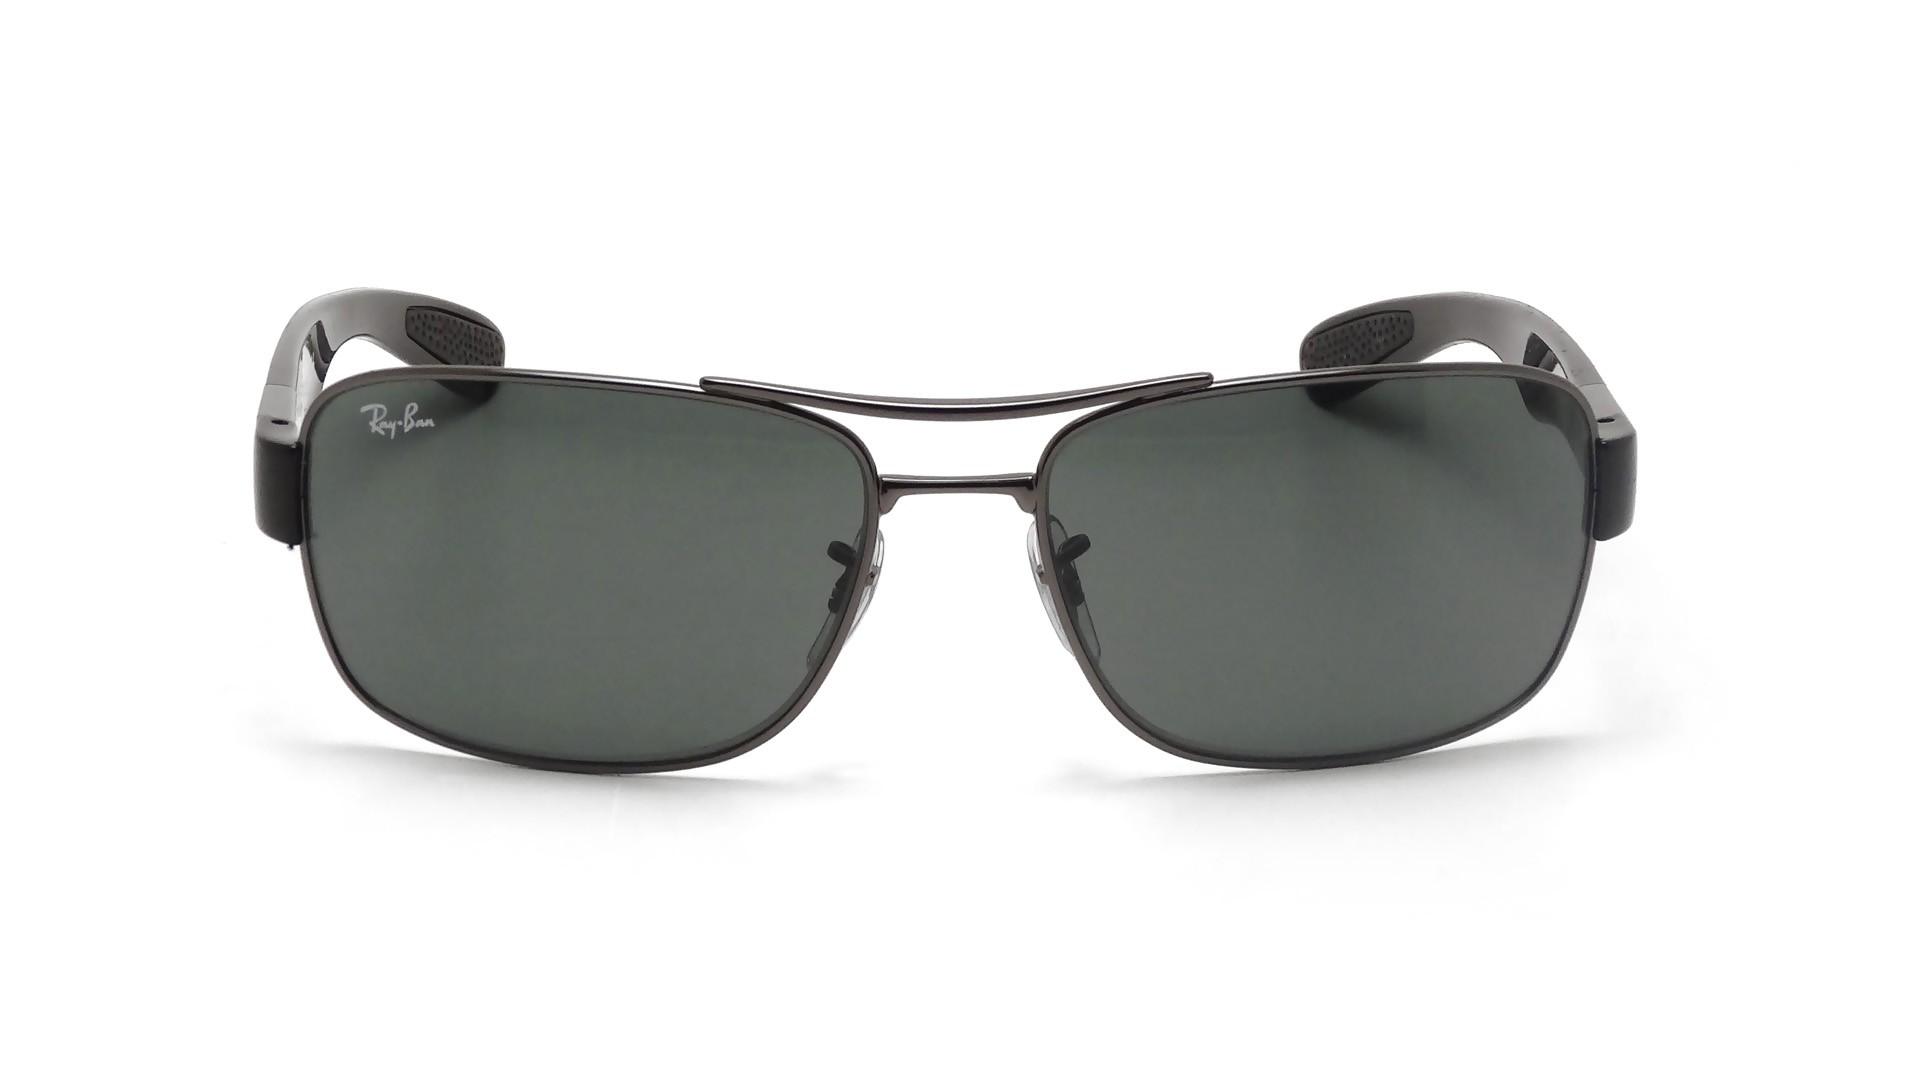 9ffd36647a3 Sunglasses Ray-Ban RB3522 004 71 61-17 Grey Medium